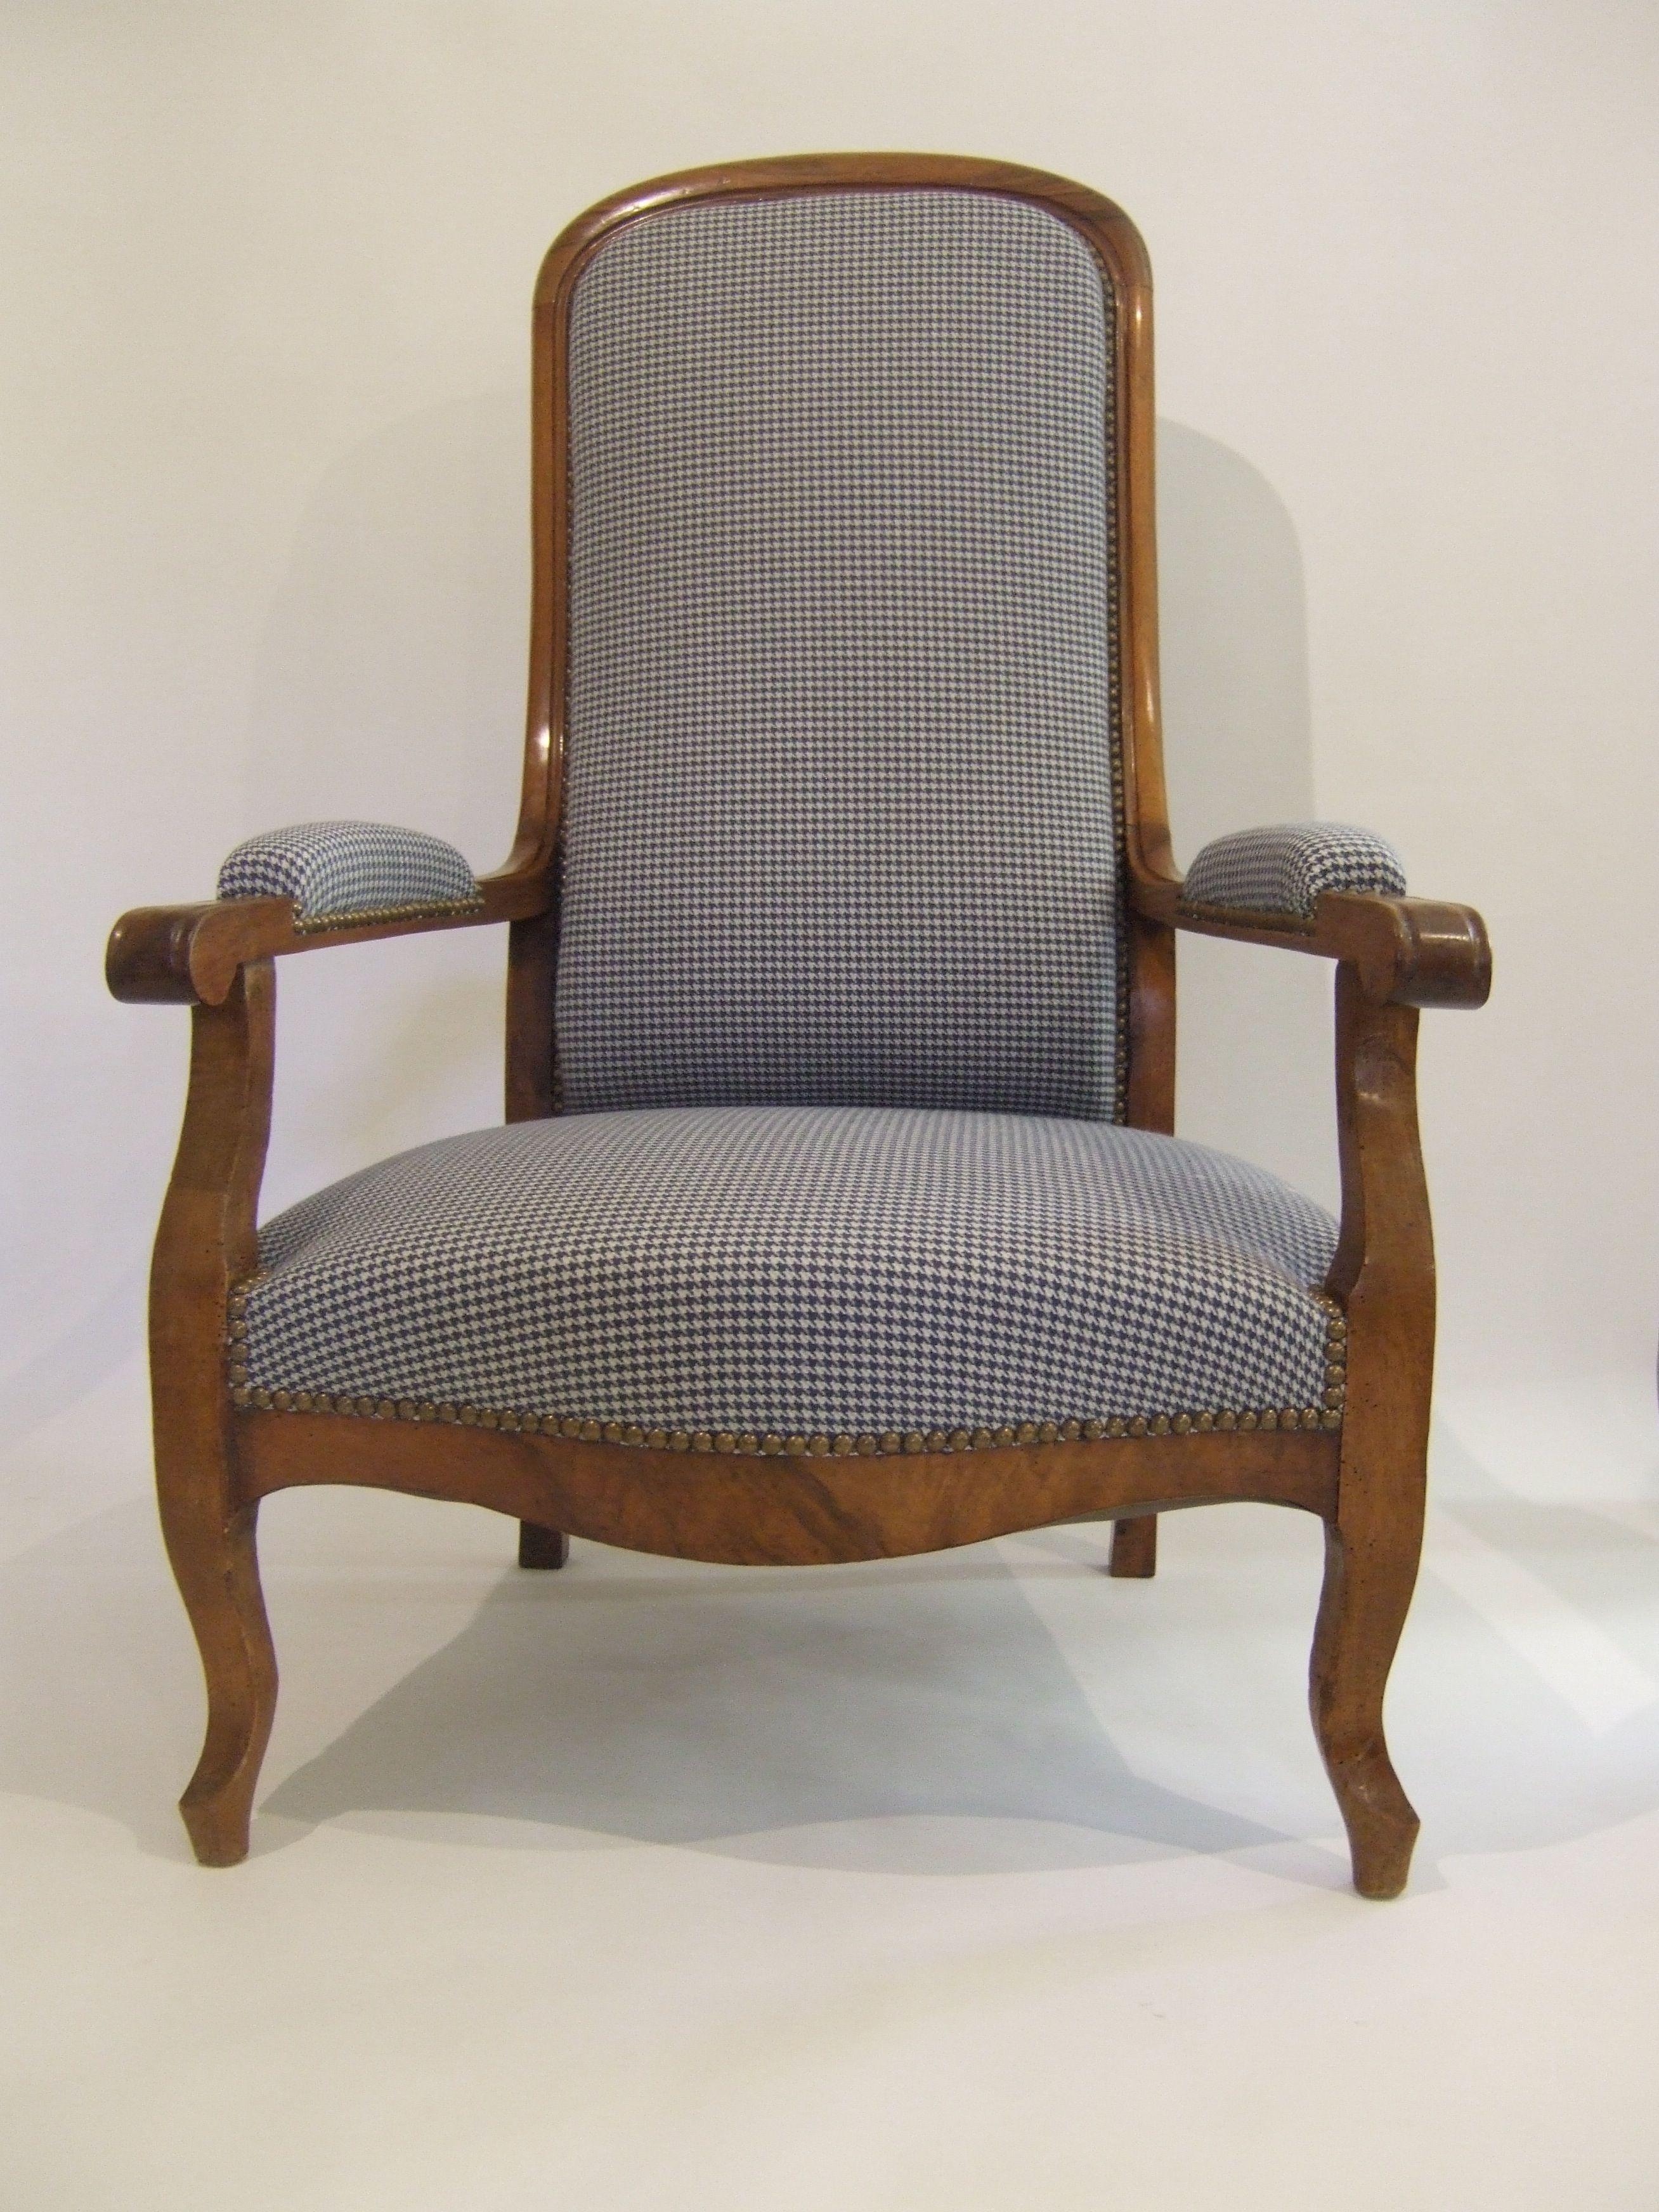 fauteuil voltaire pied de poule fauteuils pinterest. Black Bedroom Furniture Sets. Home Design Ideas